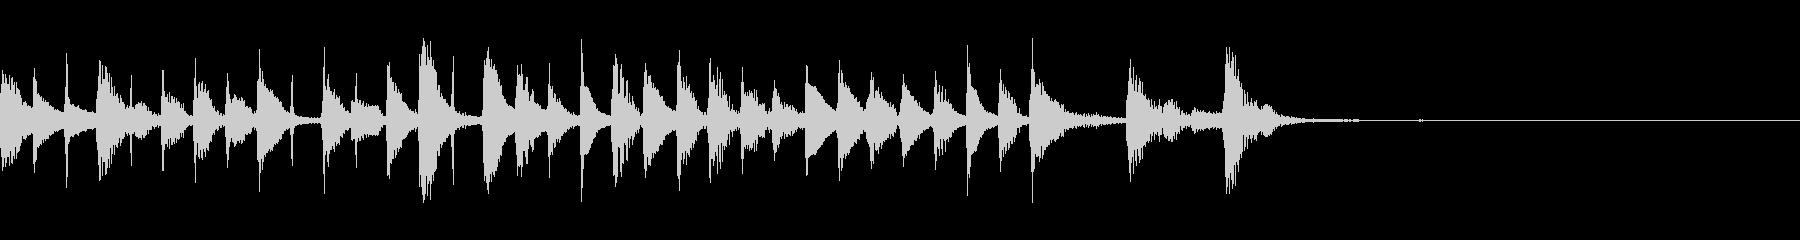 マリンバによるポップなアンサンブルの未再生の波形